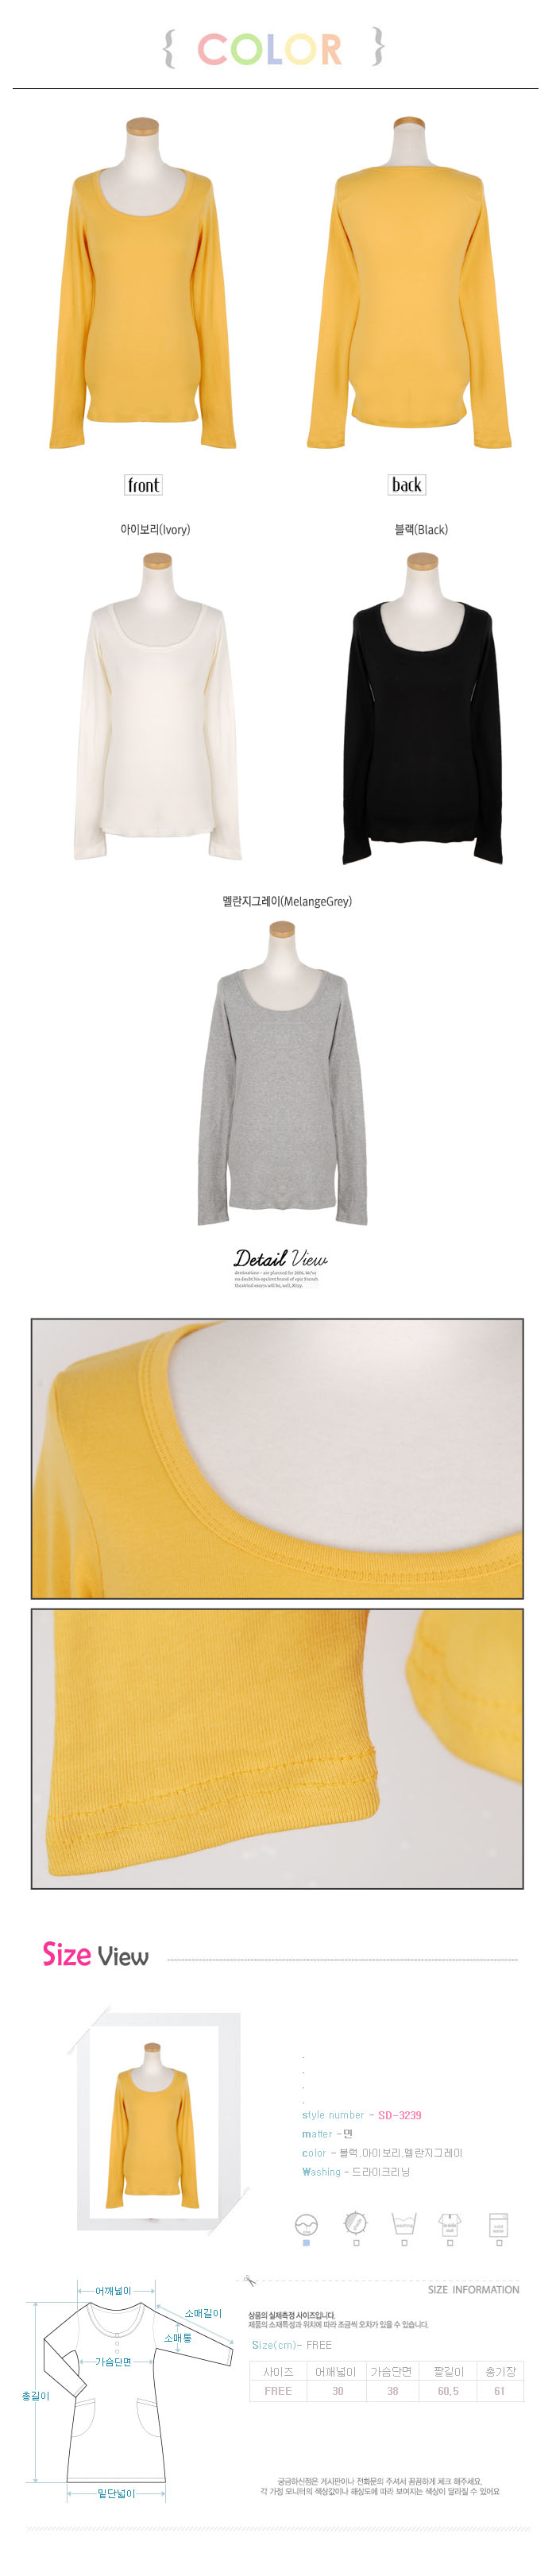 썬셋 코튼 라운드 티셔츠 -1190 상세사진